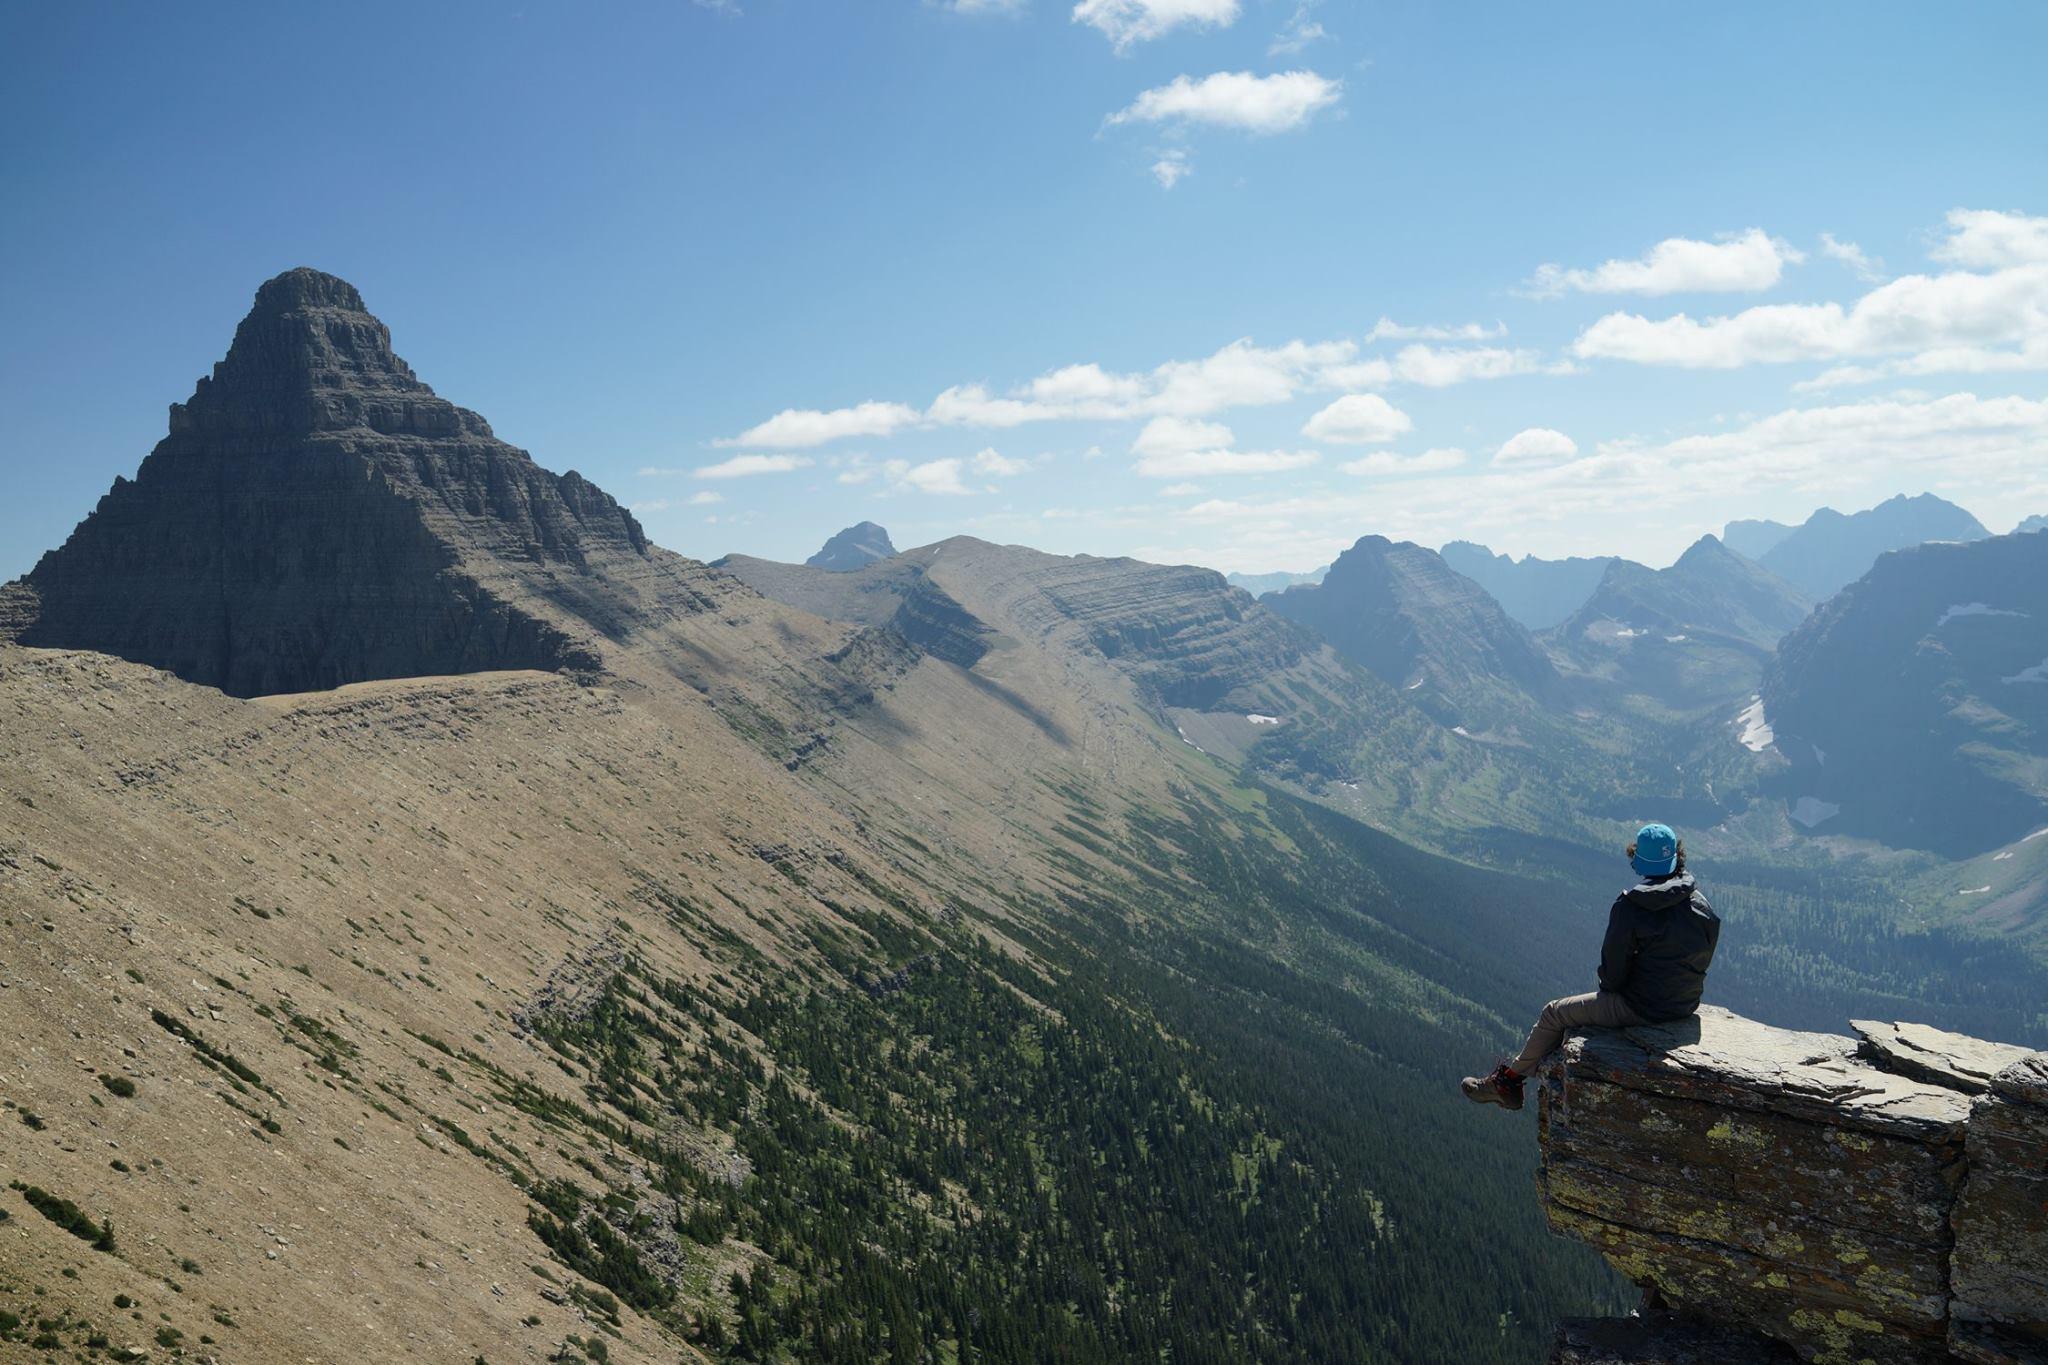 Yellowstone National Park - 4K (Ultra HD) Nature ...